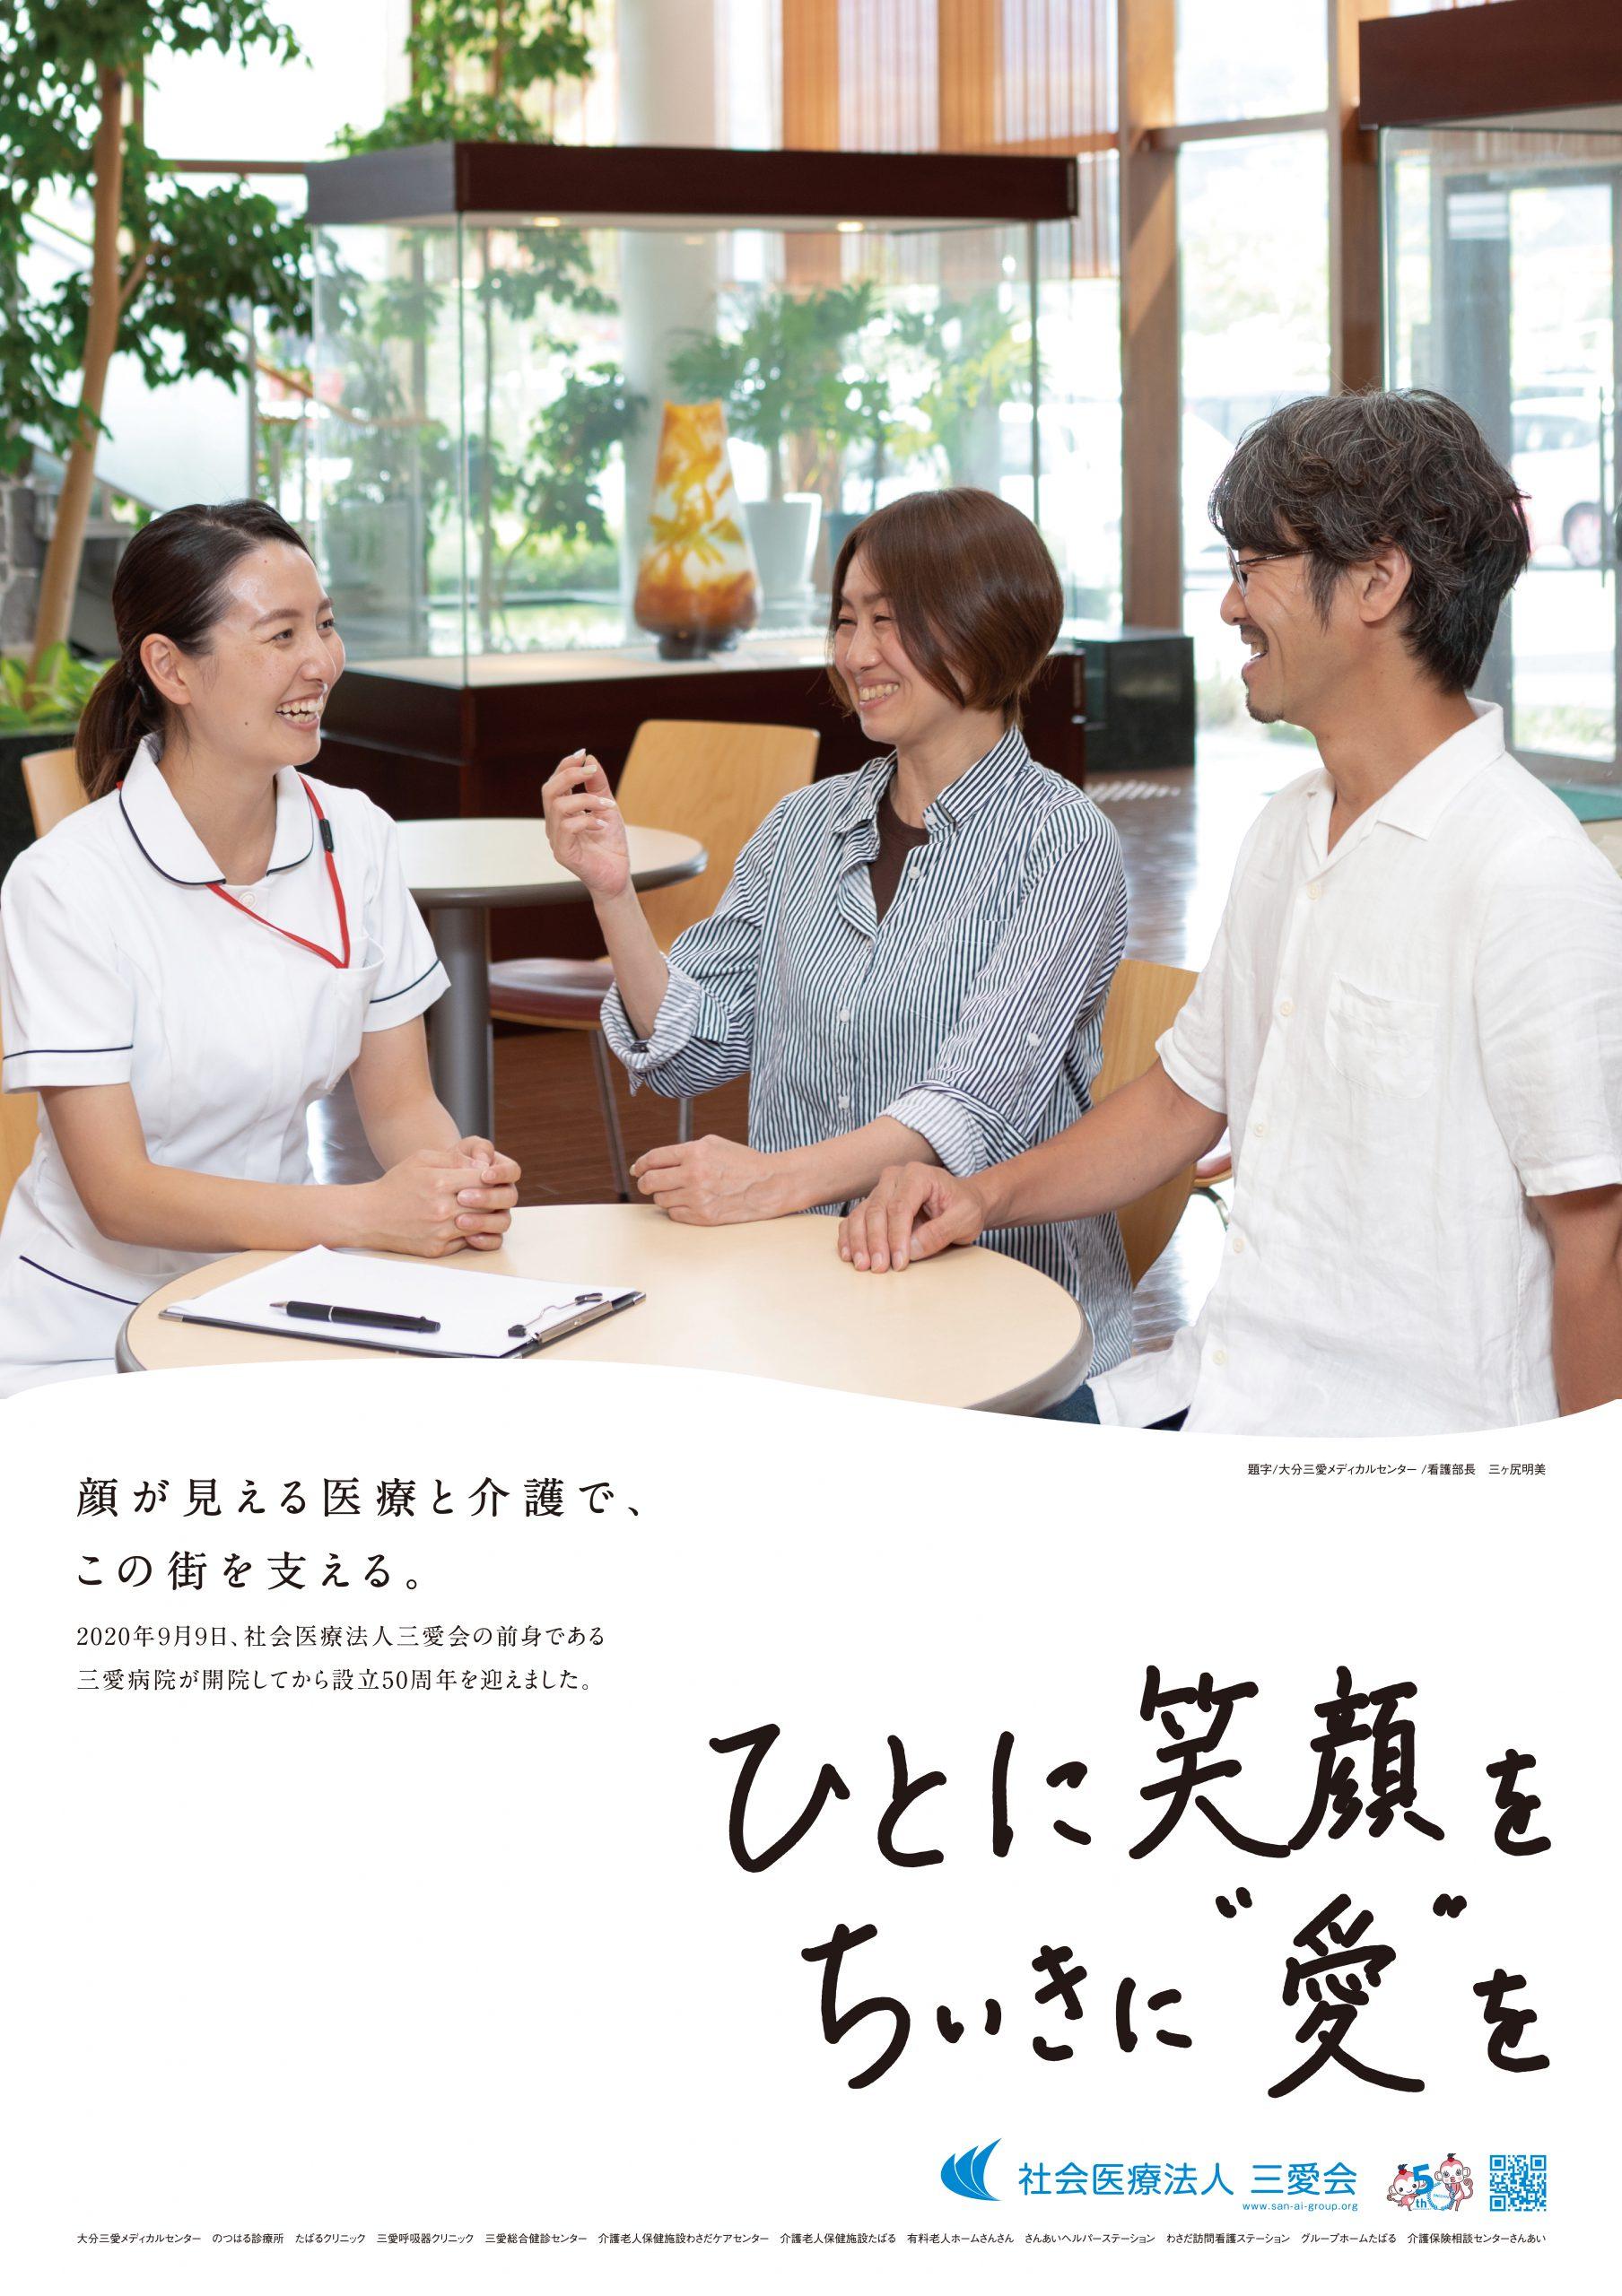 三愛会 創立50周年 A2ポスター